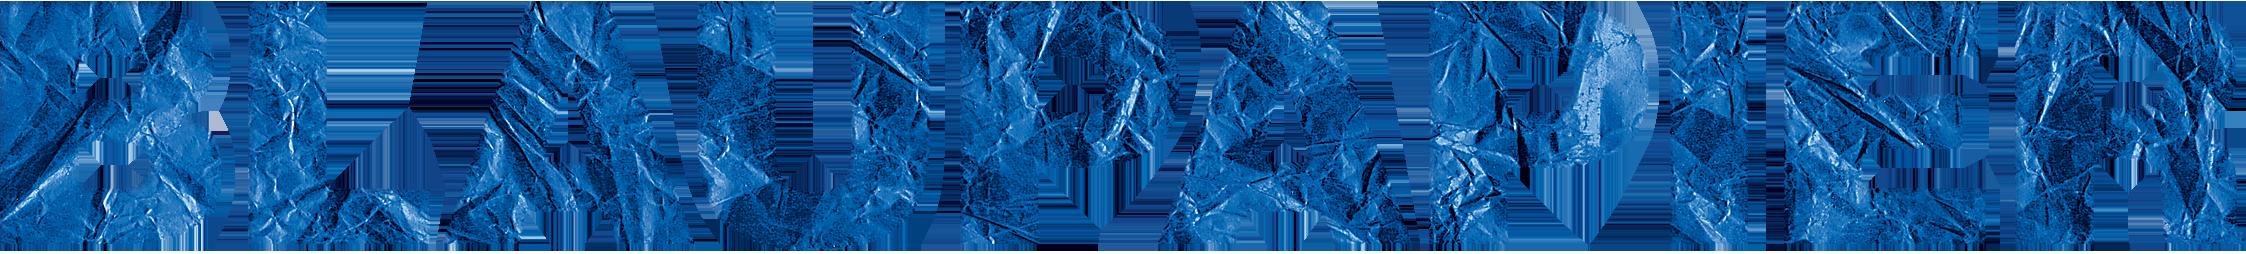 Blaupapier bietet Bildretusche, Lithographie, Retusche, 3D, CGI u.v.m. in Wien